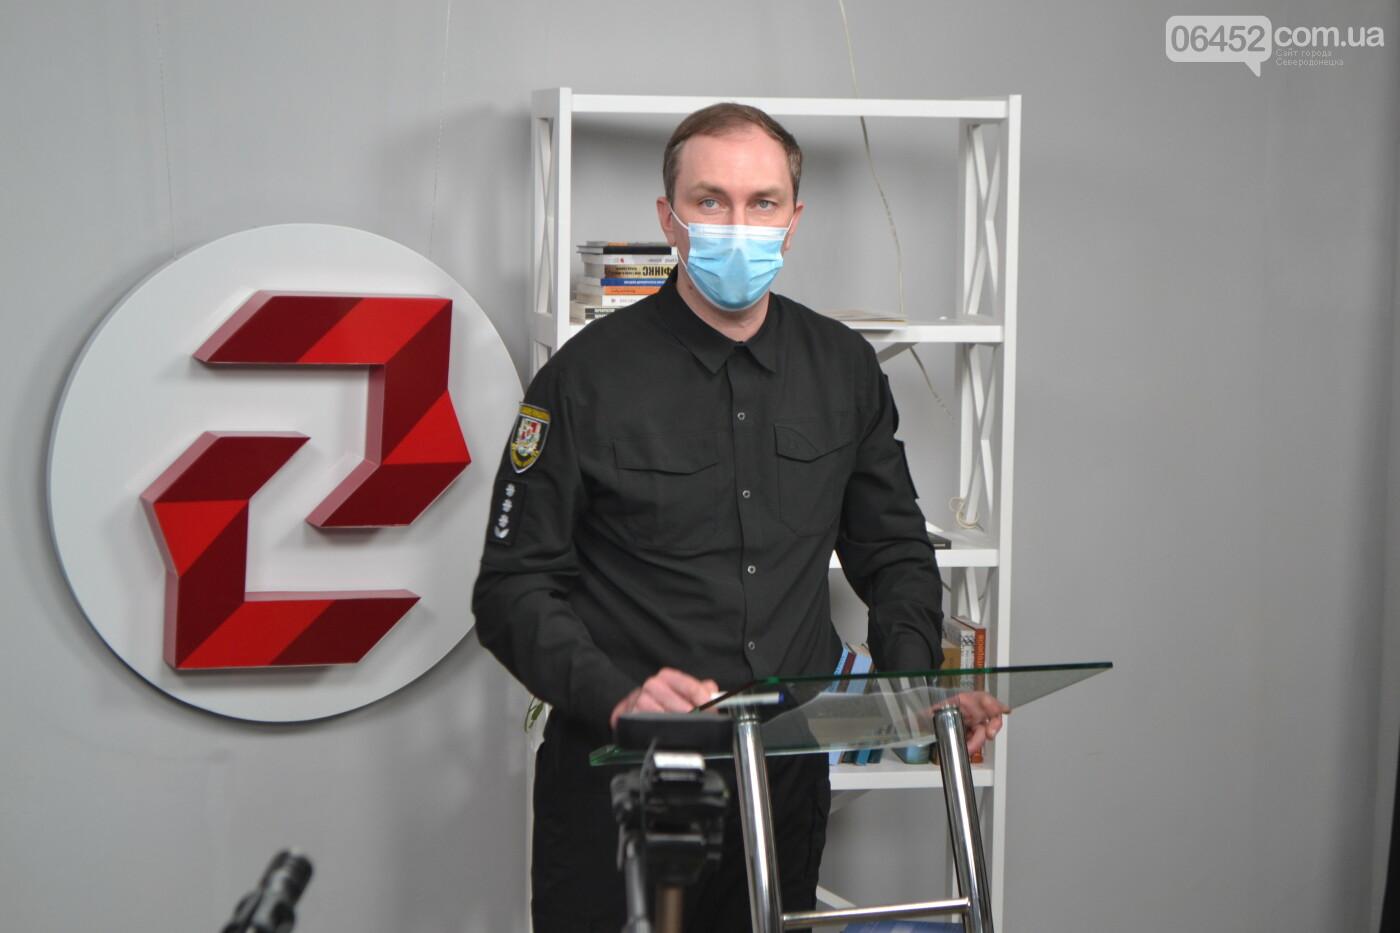 Глава полиции Луганщины назвал самые распространенные преступления в области, фото-1